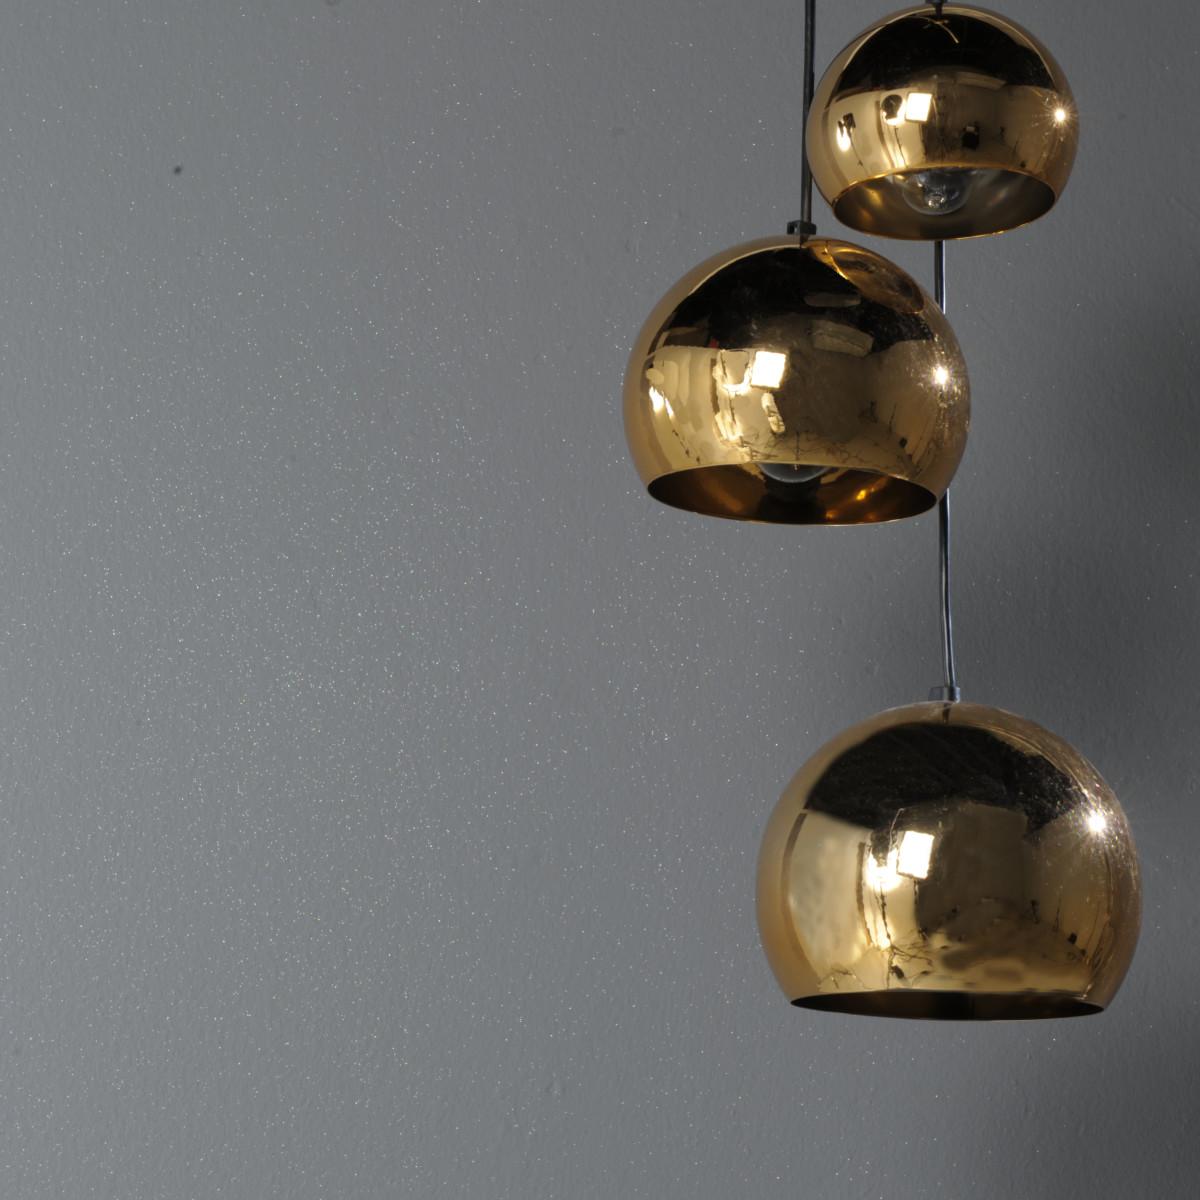 Pittura ad effetto decorativo glitter grigio sasso 3 2 l for Pittura glitter leroy merlin